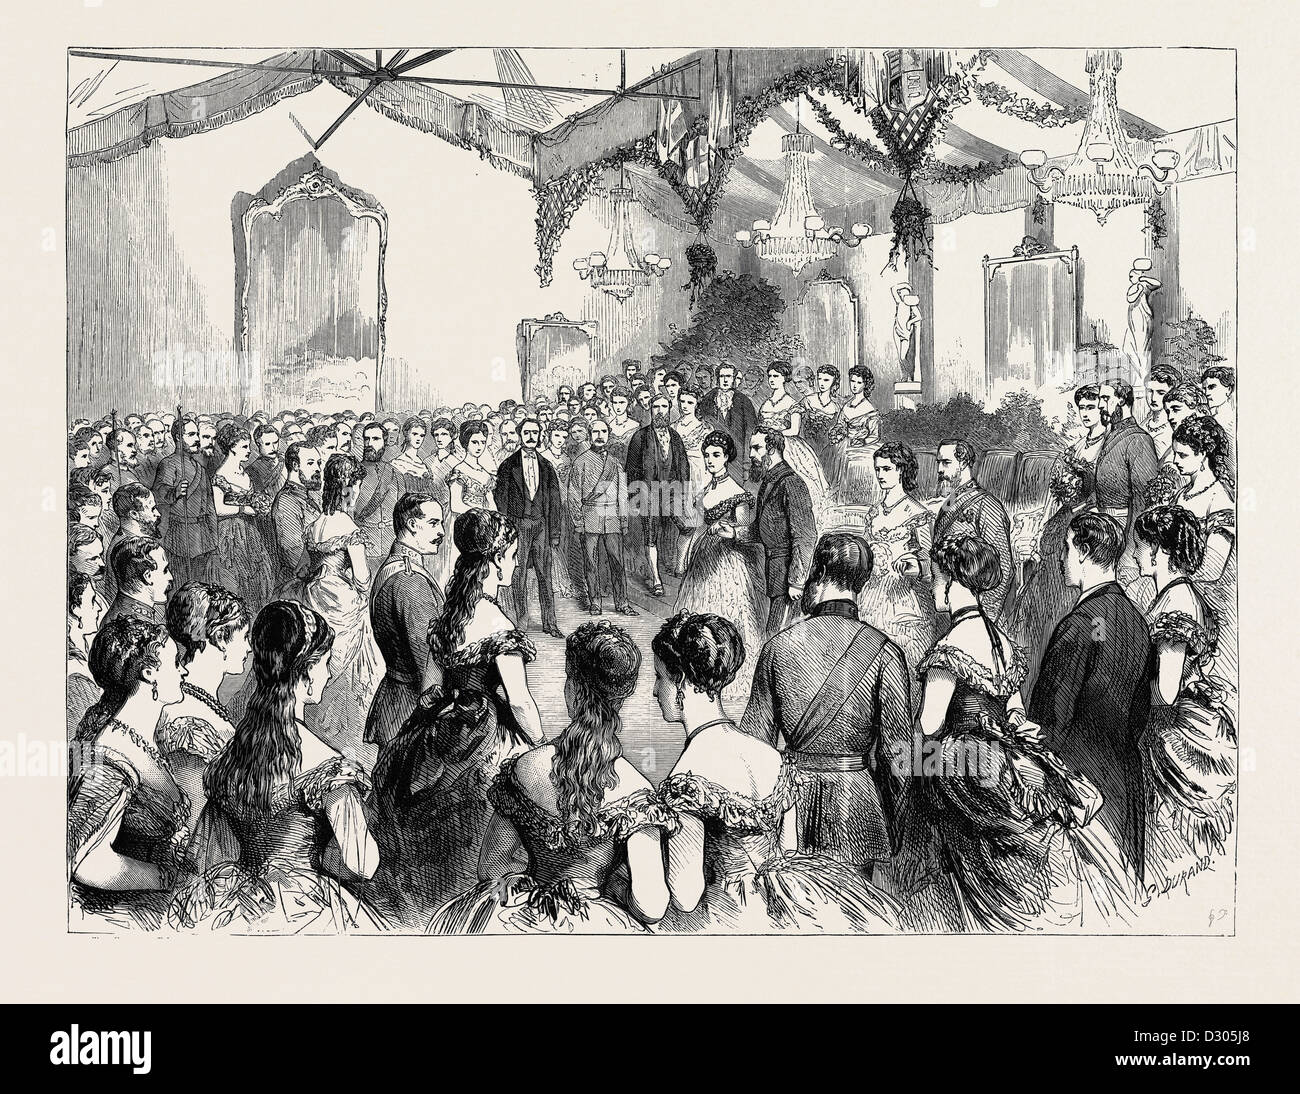 L' Onorevole Compagnia di Artiglieria della palla, 1870 Immagini Stock